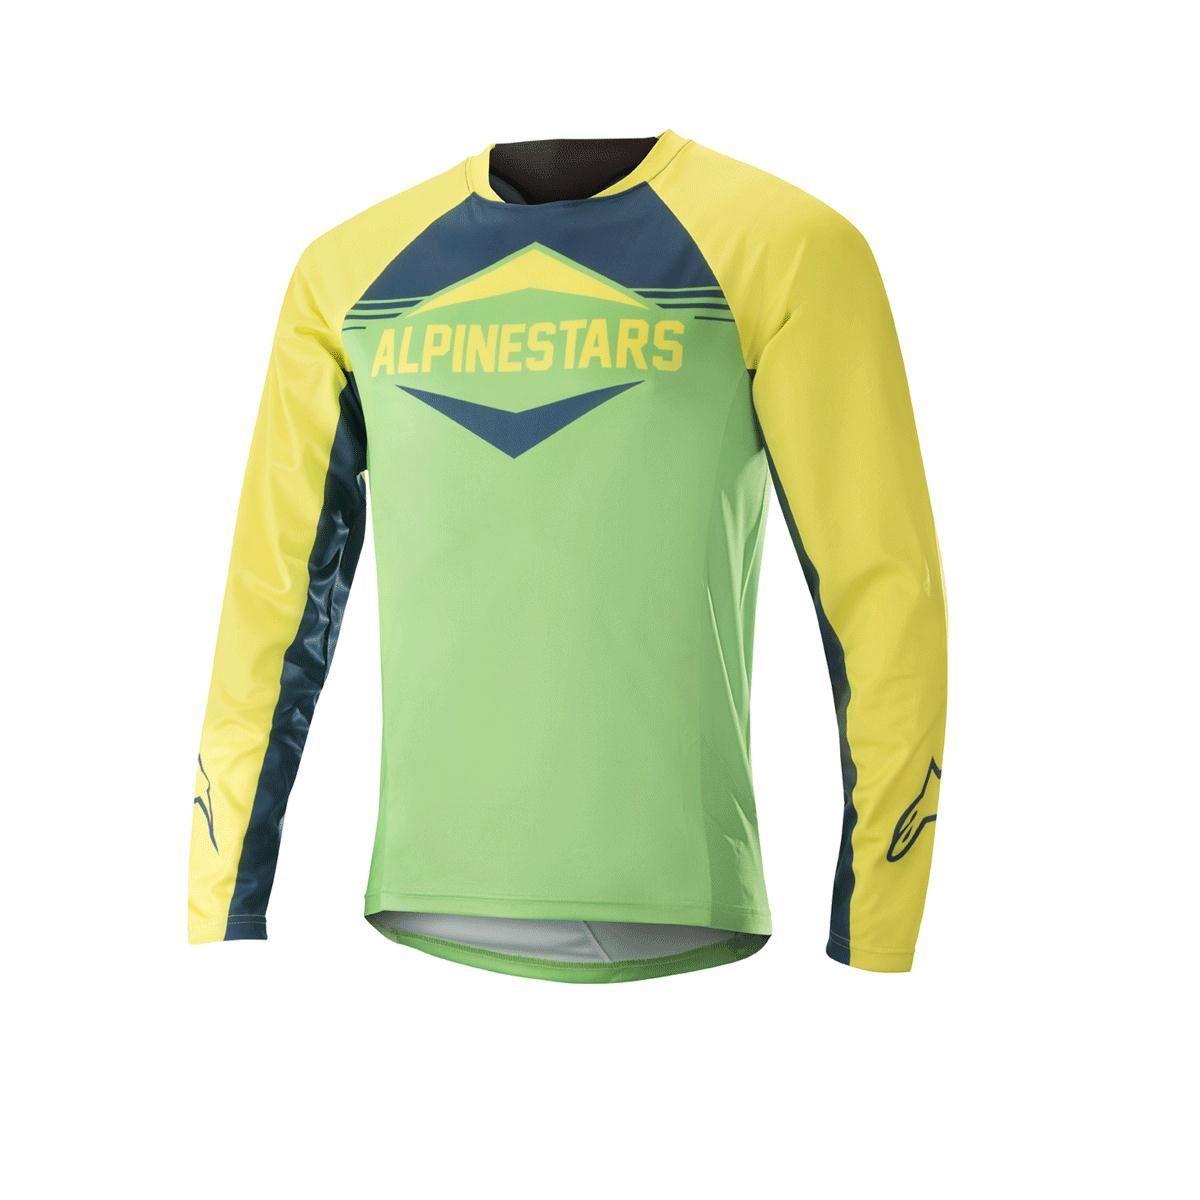 Alpinestars Mesa Long Sleeve Jersey 2018: Yellow/Summer Green M